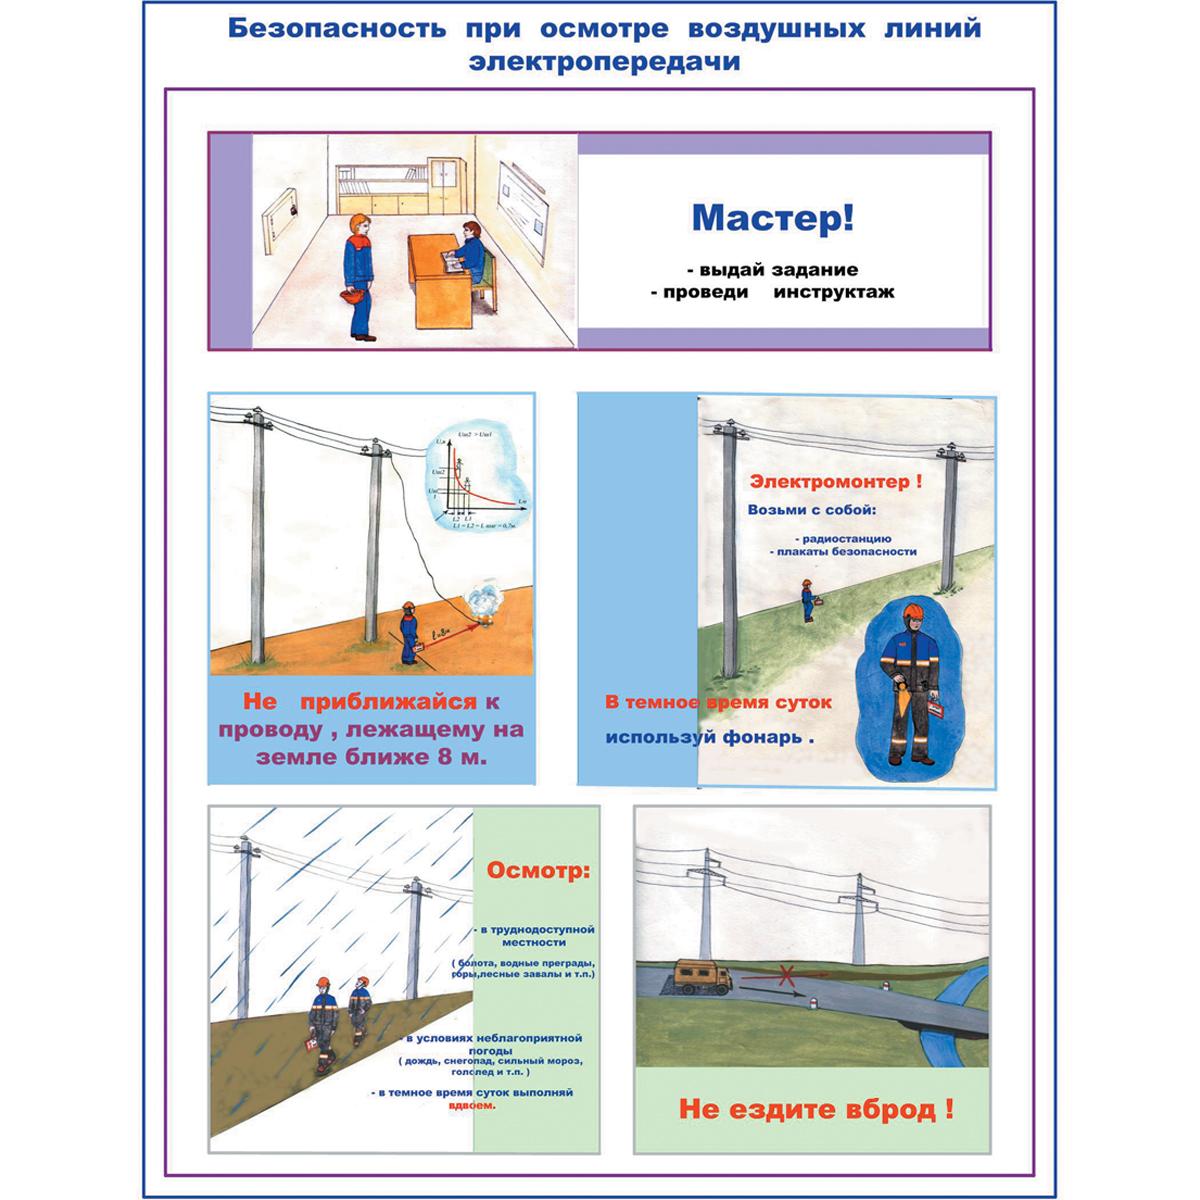 Плакат Безопасность при осмотре высоковольтных воздушных линий электропередачи и трансформаторных подстанций, к-т из 2 л. 420х594 мм, А2, лам.